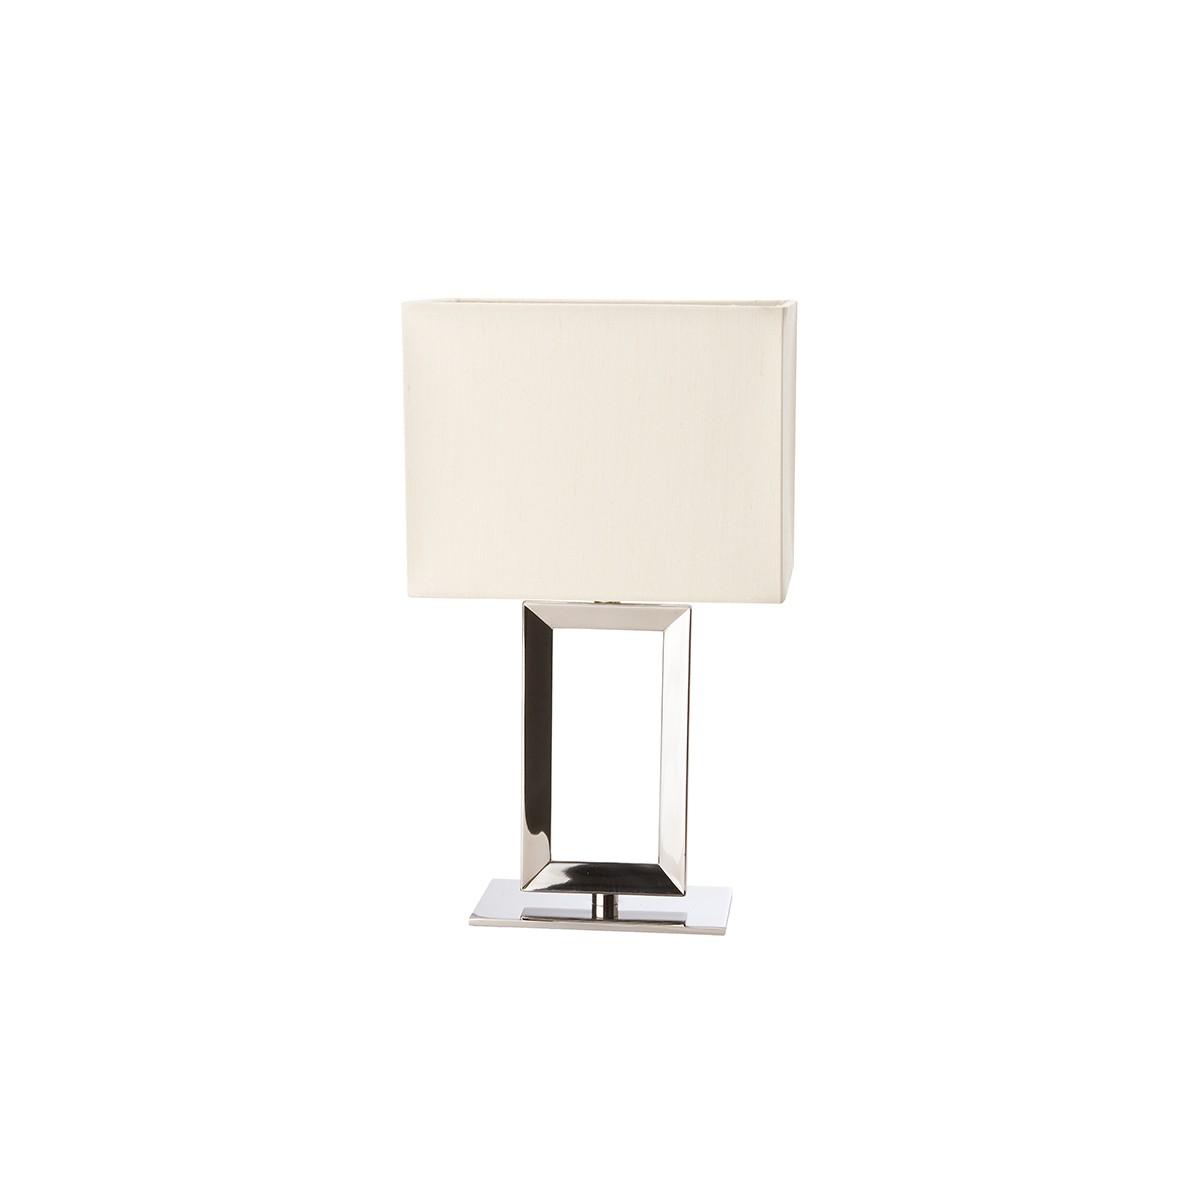 Sompex Pad Tischleuchte, Höhe: 29 cm, Edelstahl poliert - Textil creme